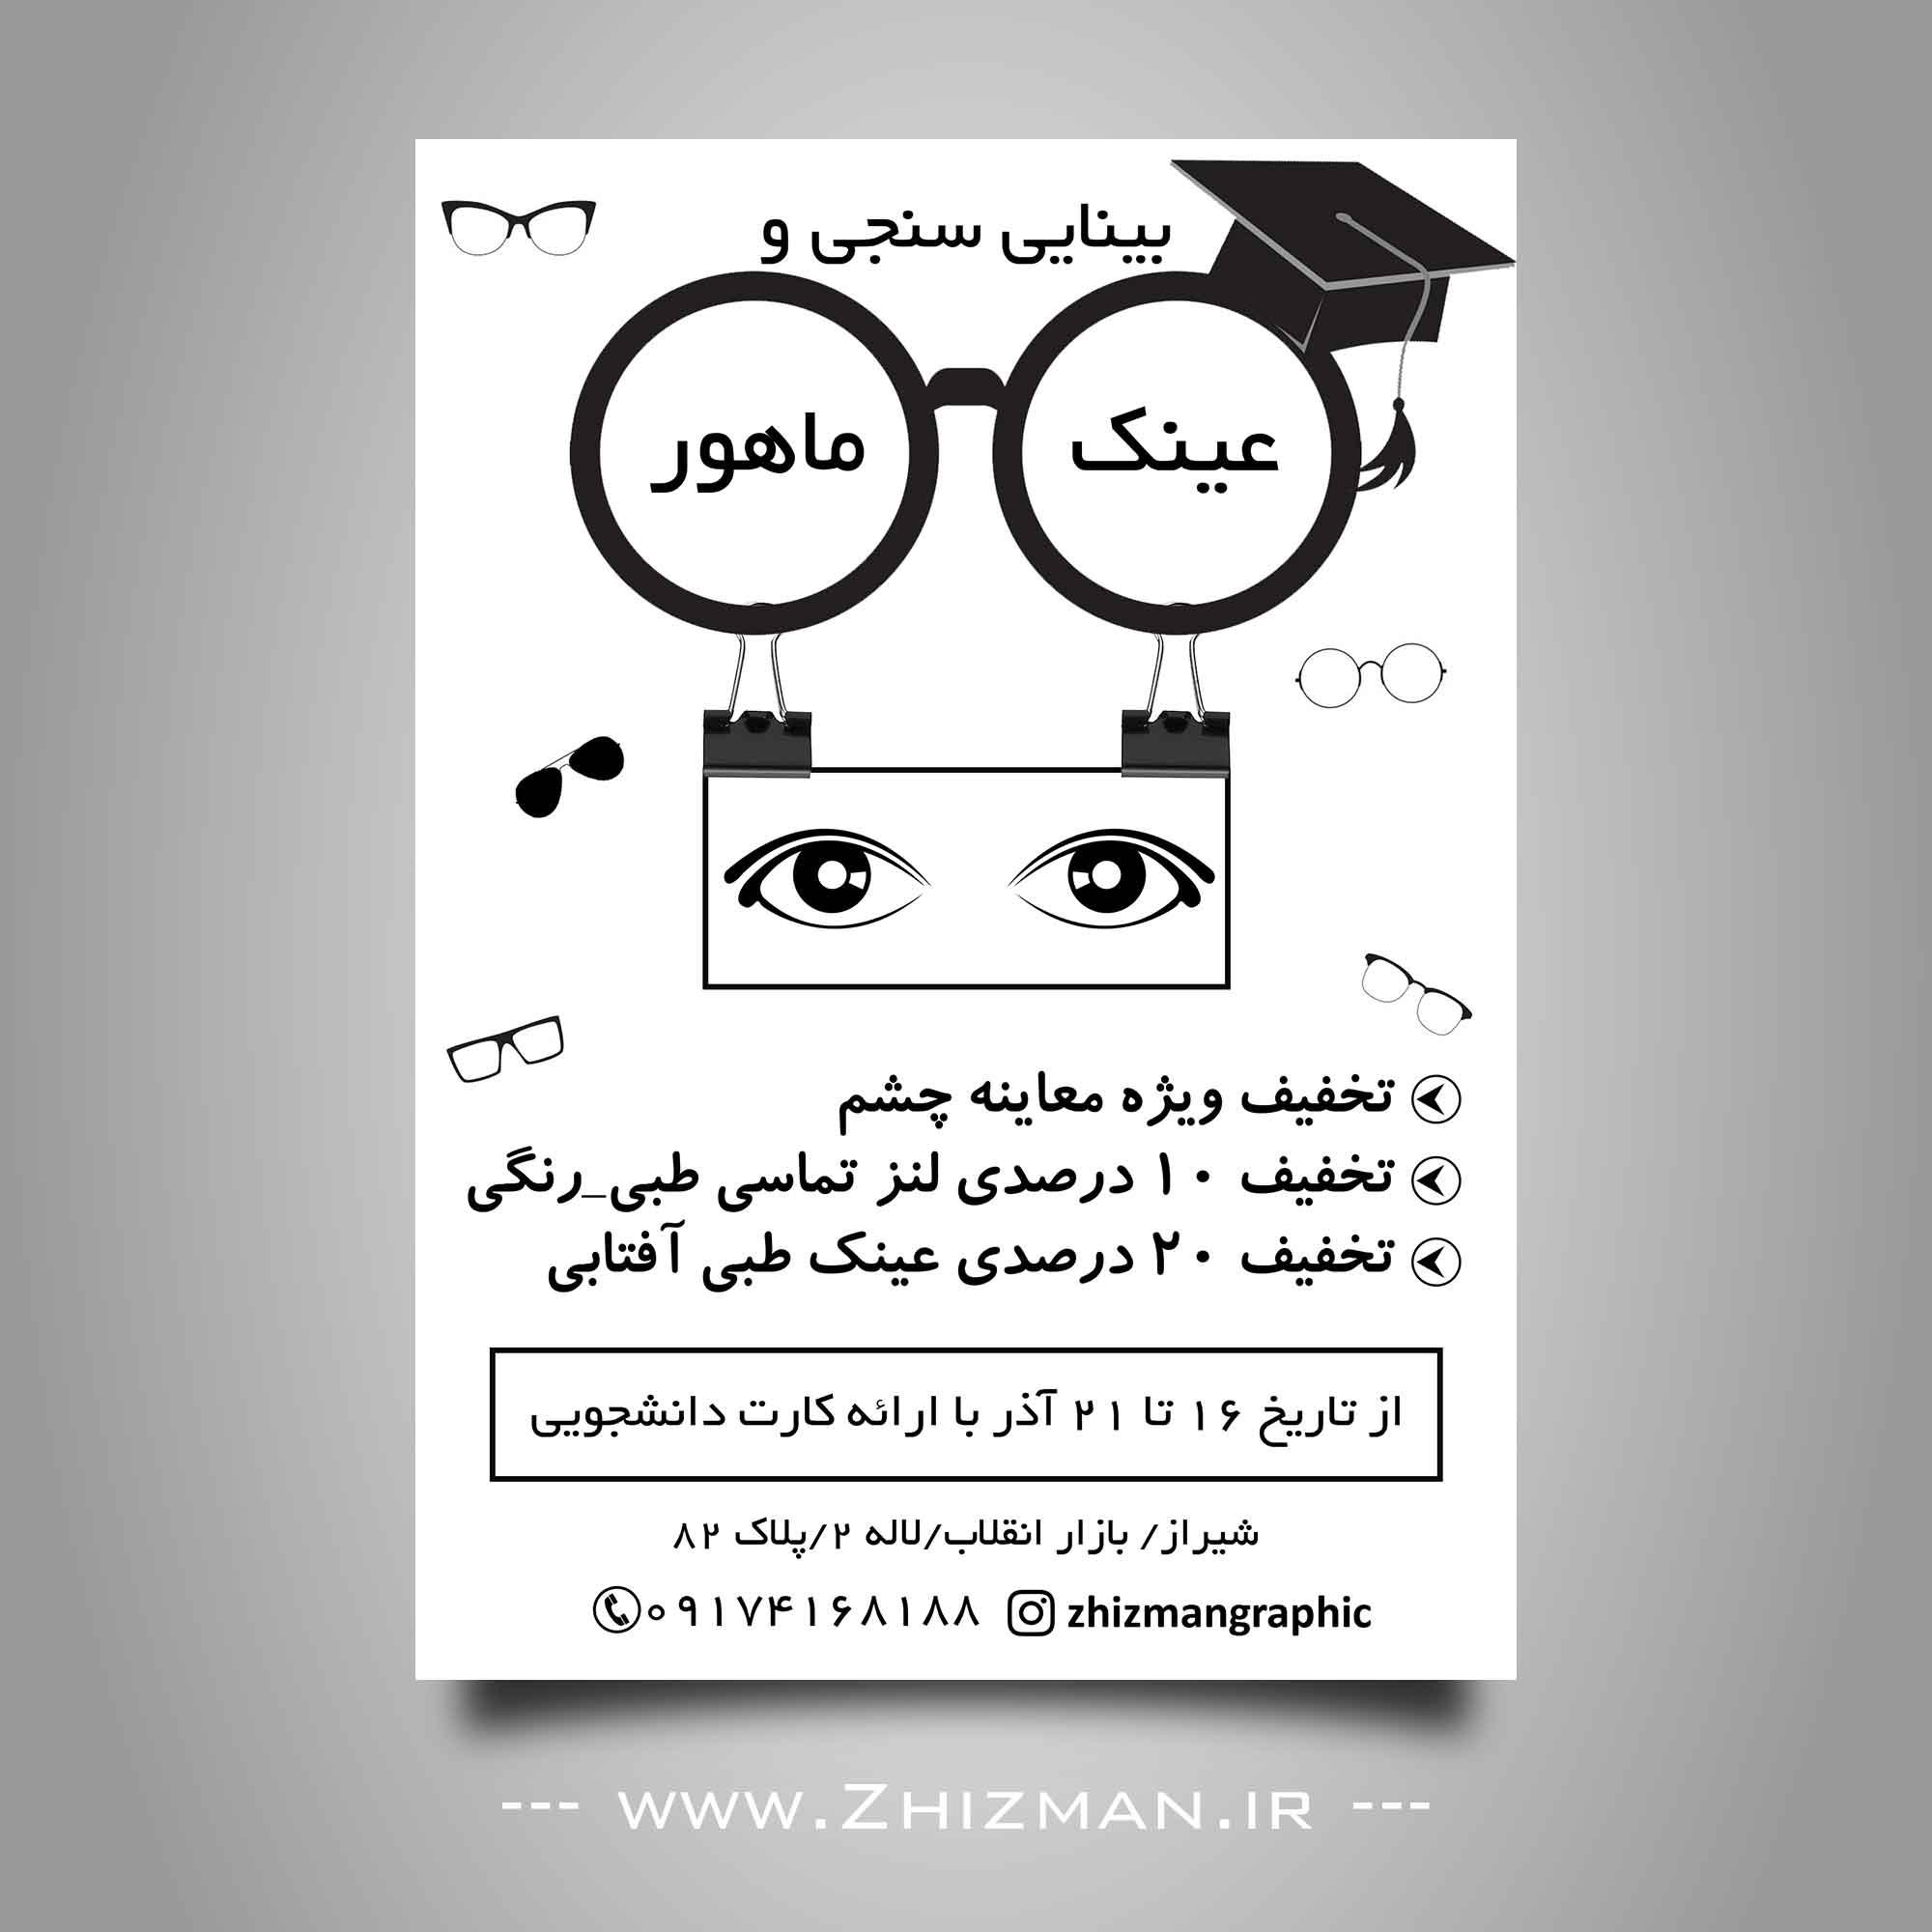 تراکت سیاه و سفید چشم پزشکی